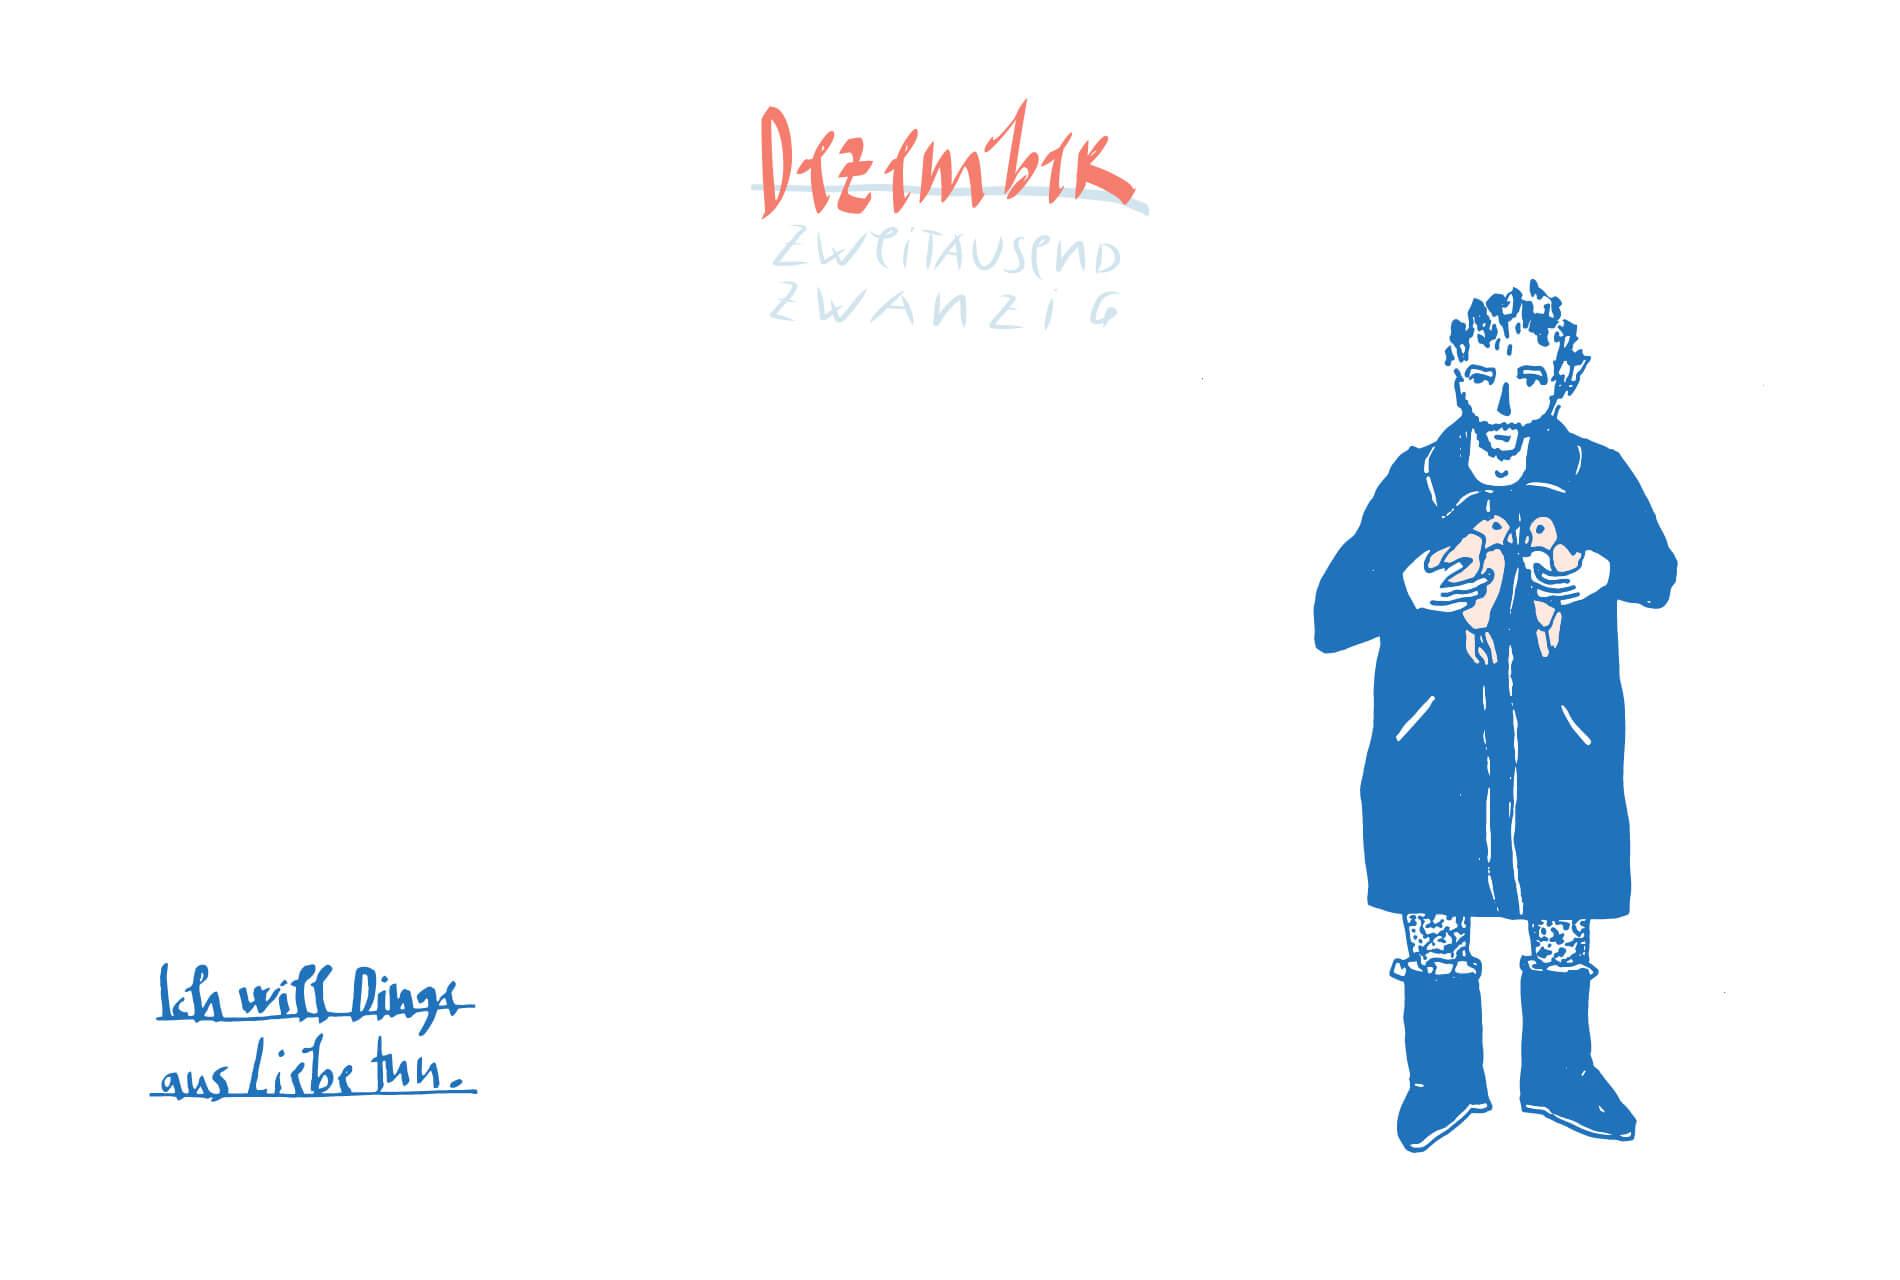 Matrosenhunde Illustration Zeichnung Illustratorin Text Prosa Monatskalender Dezember, ich will dinge aus liebe tun